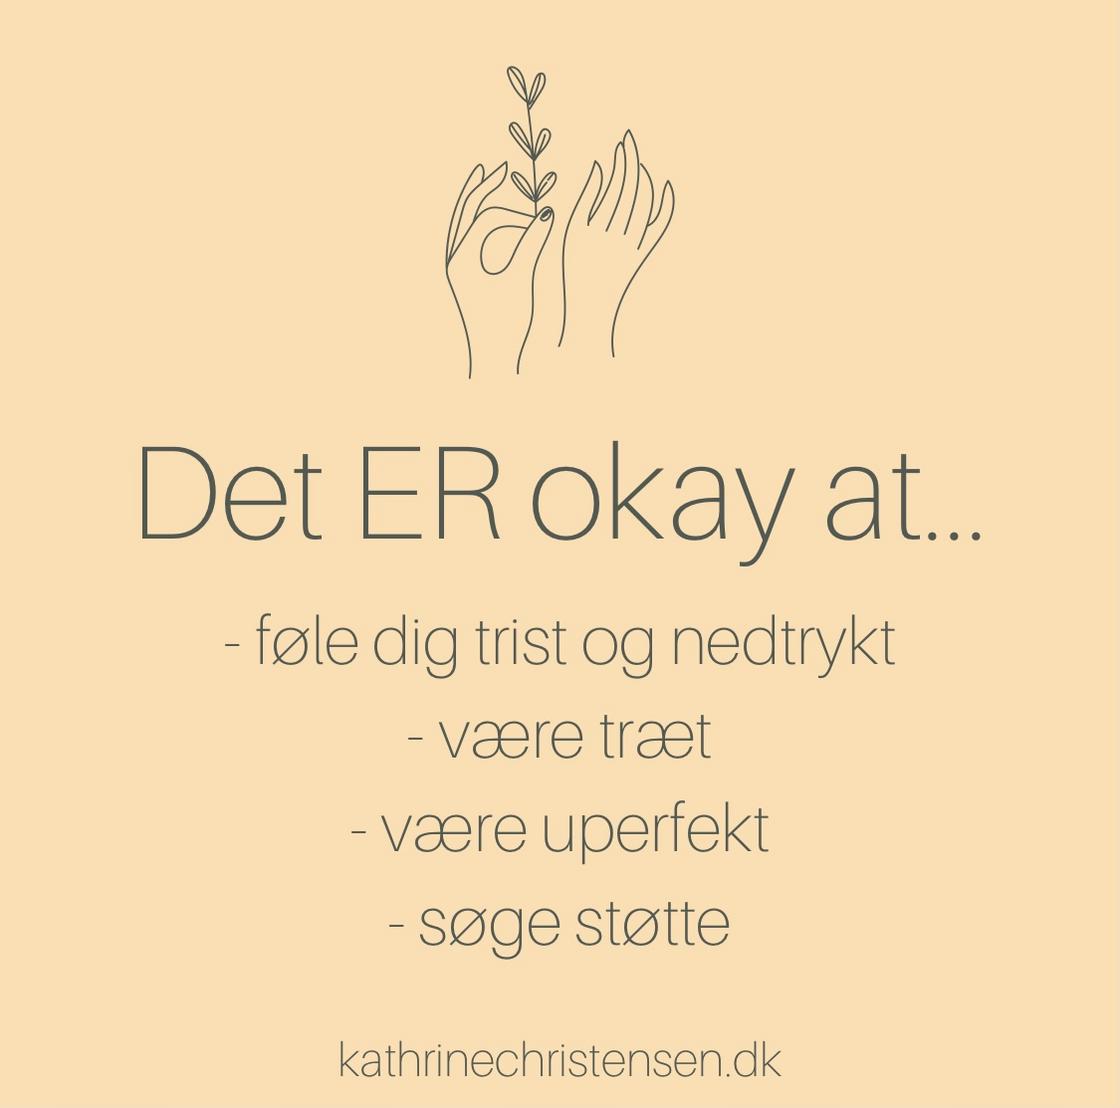 Det er okay at...